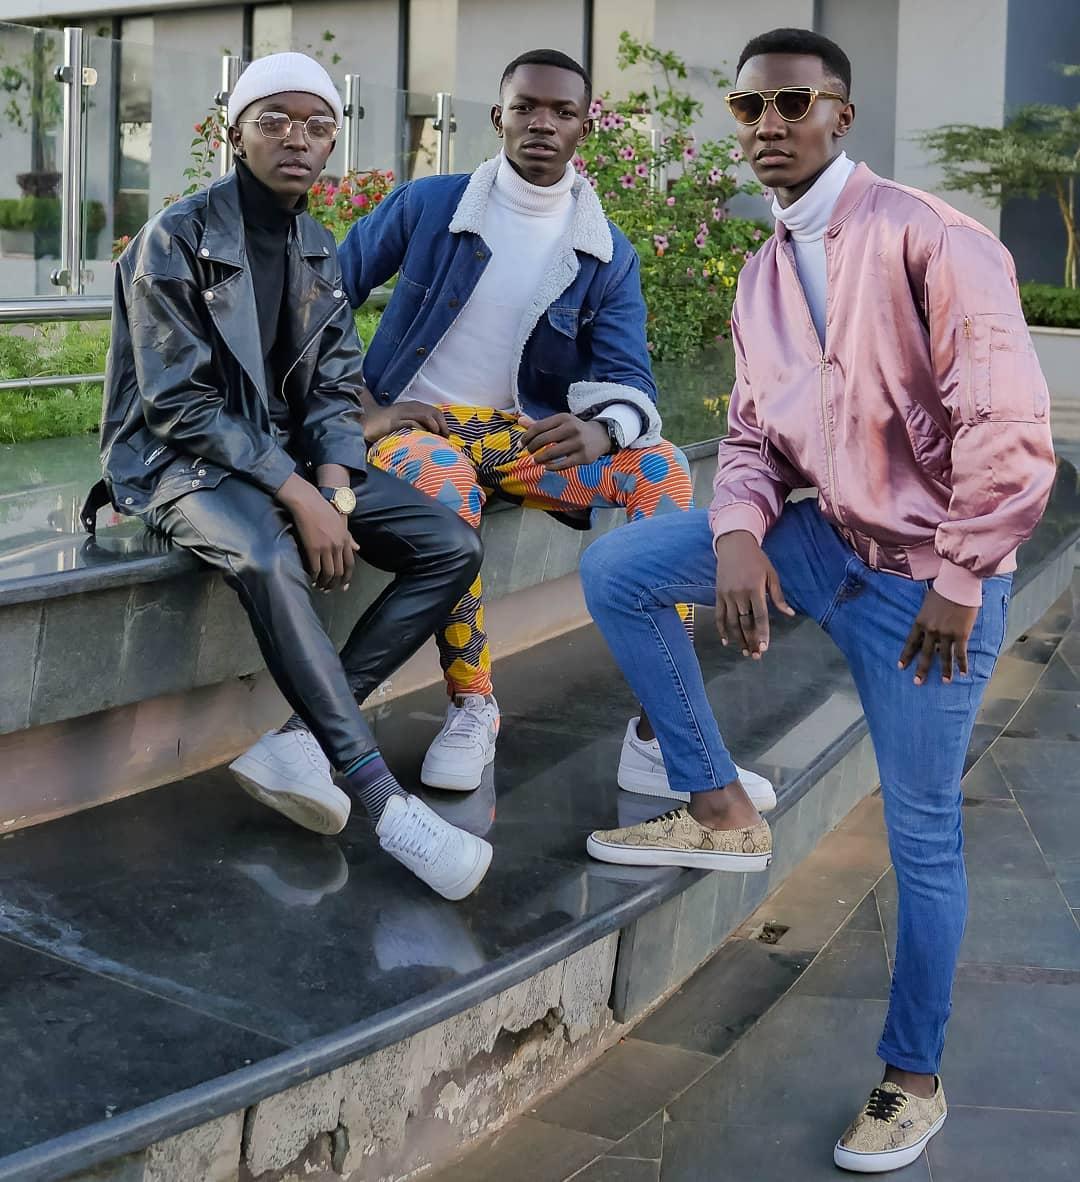 Jadi Boy band of Mimi na wewe song